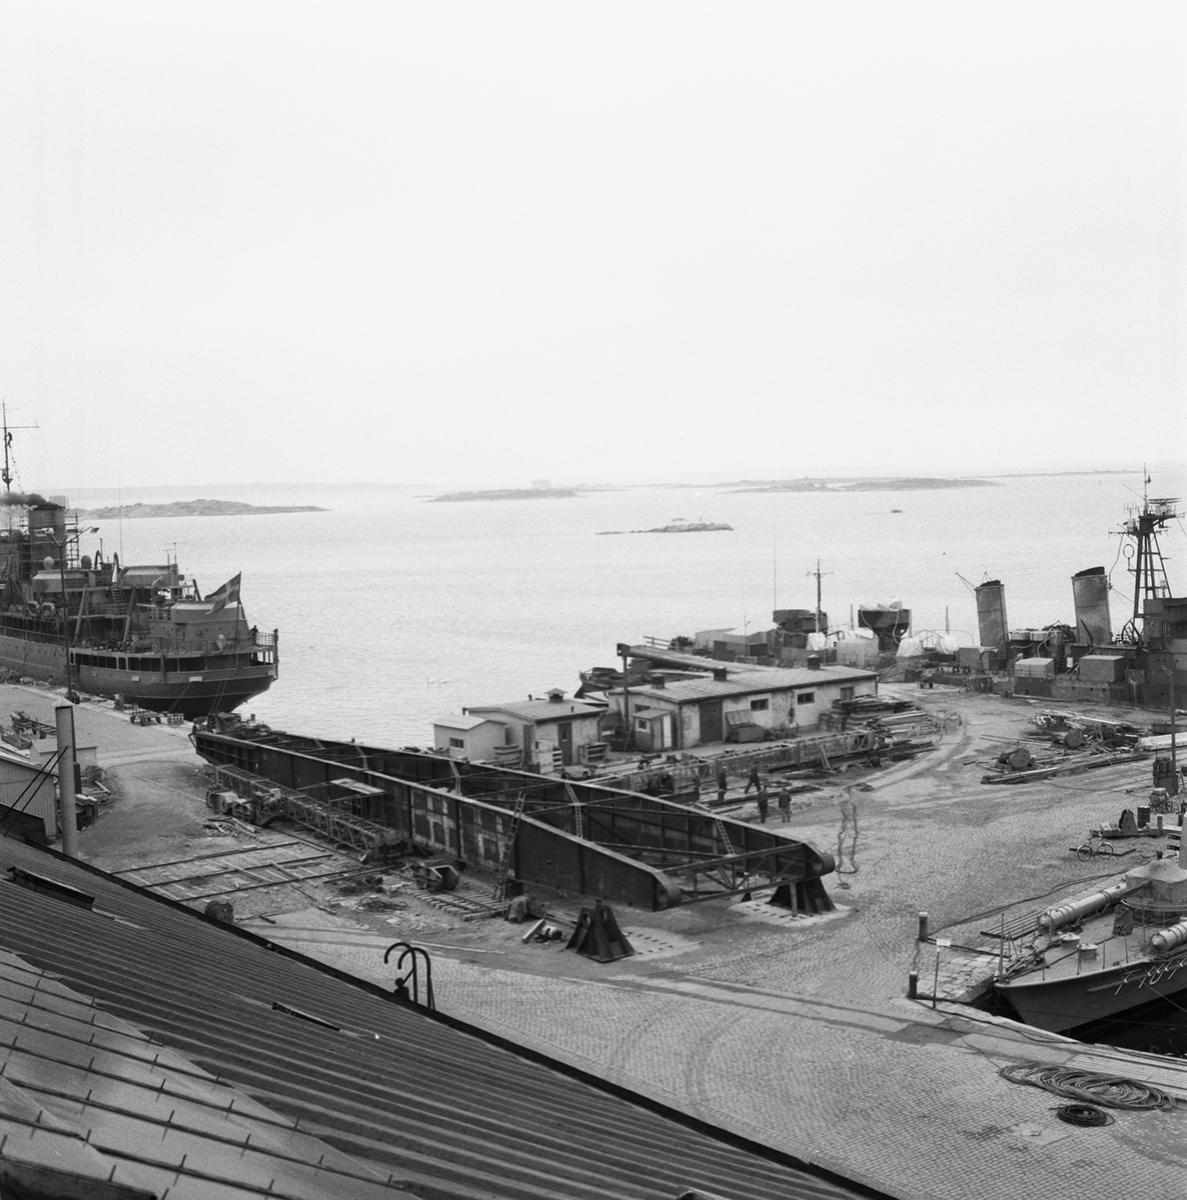 Övrigt: Fotodatum:24/3 1959 Byggnader och Kranar. Nya 100-tonskranen montering